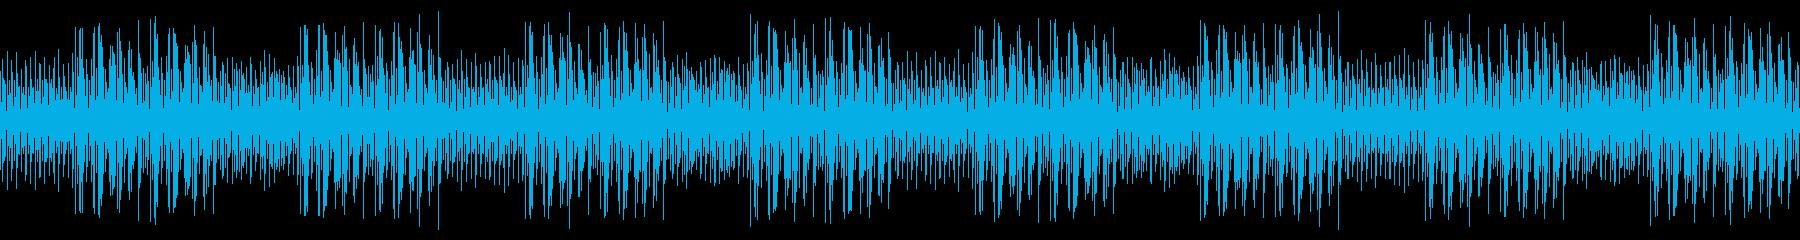 のんびり優しいリコーダー・生配信ループの再生済みの波形